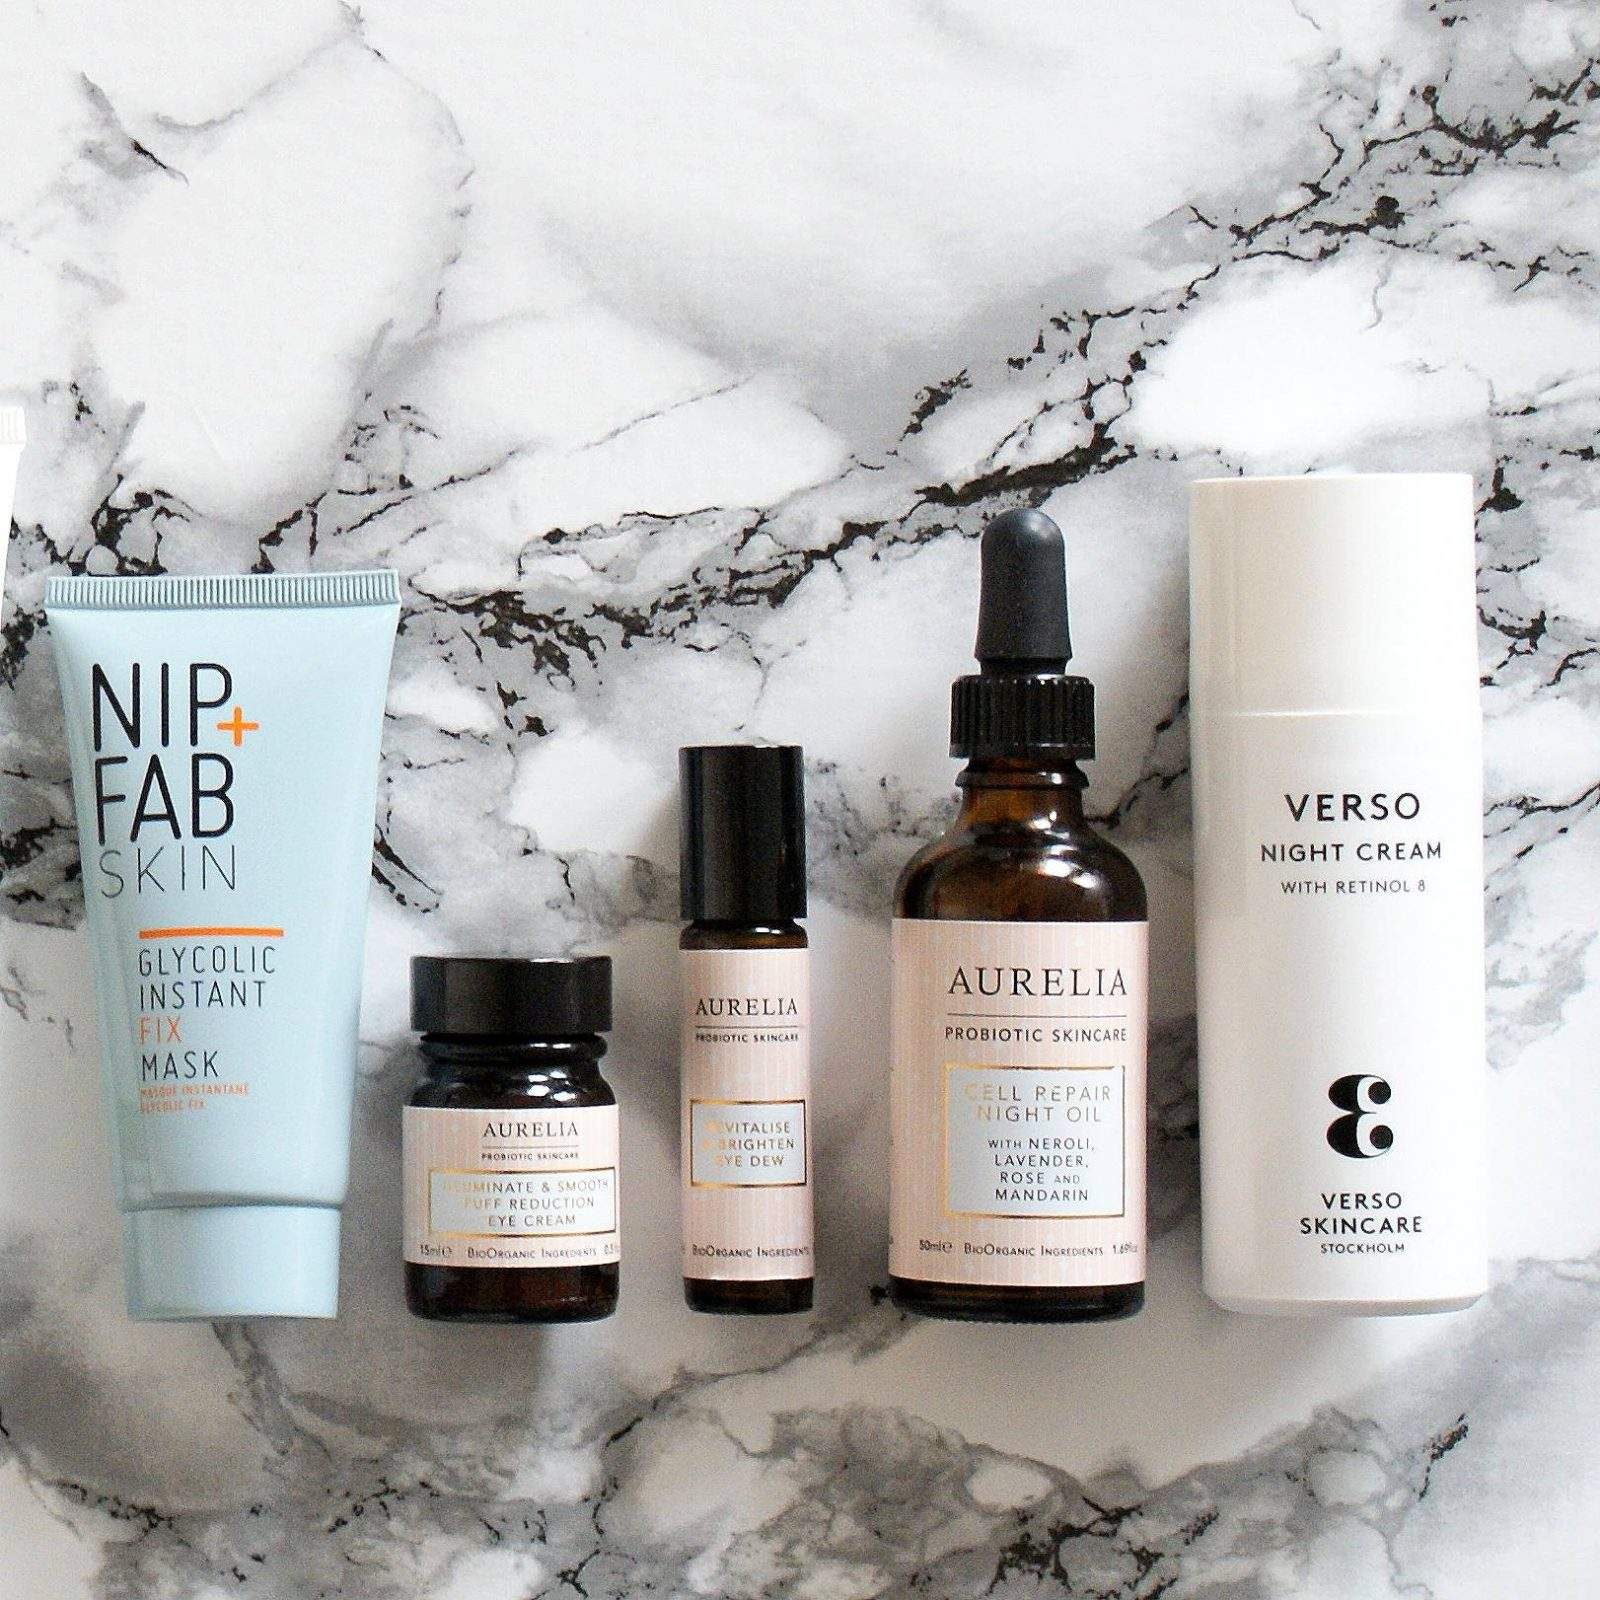 Nip + Fab, Aurelia Probiotic Skincare, Verso Skincare.